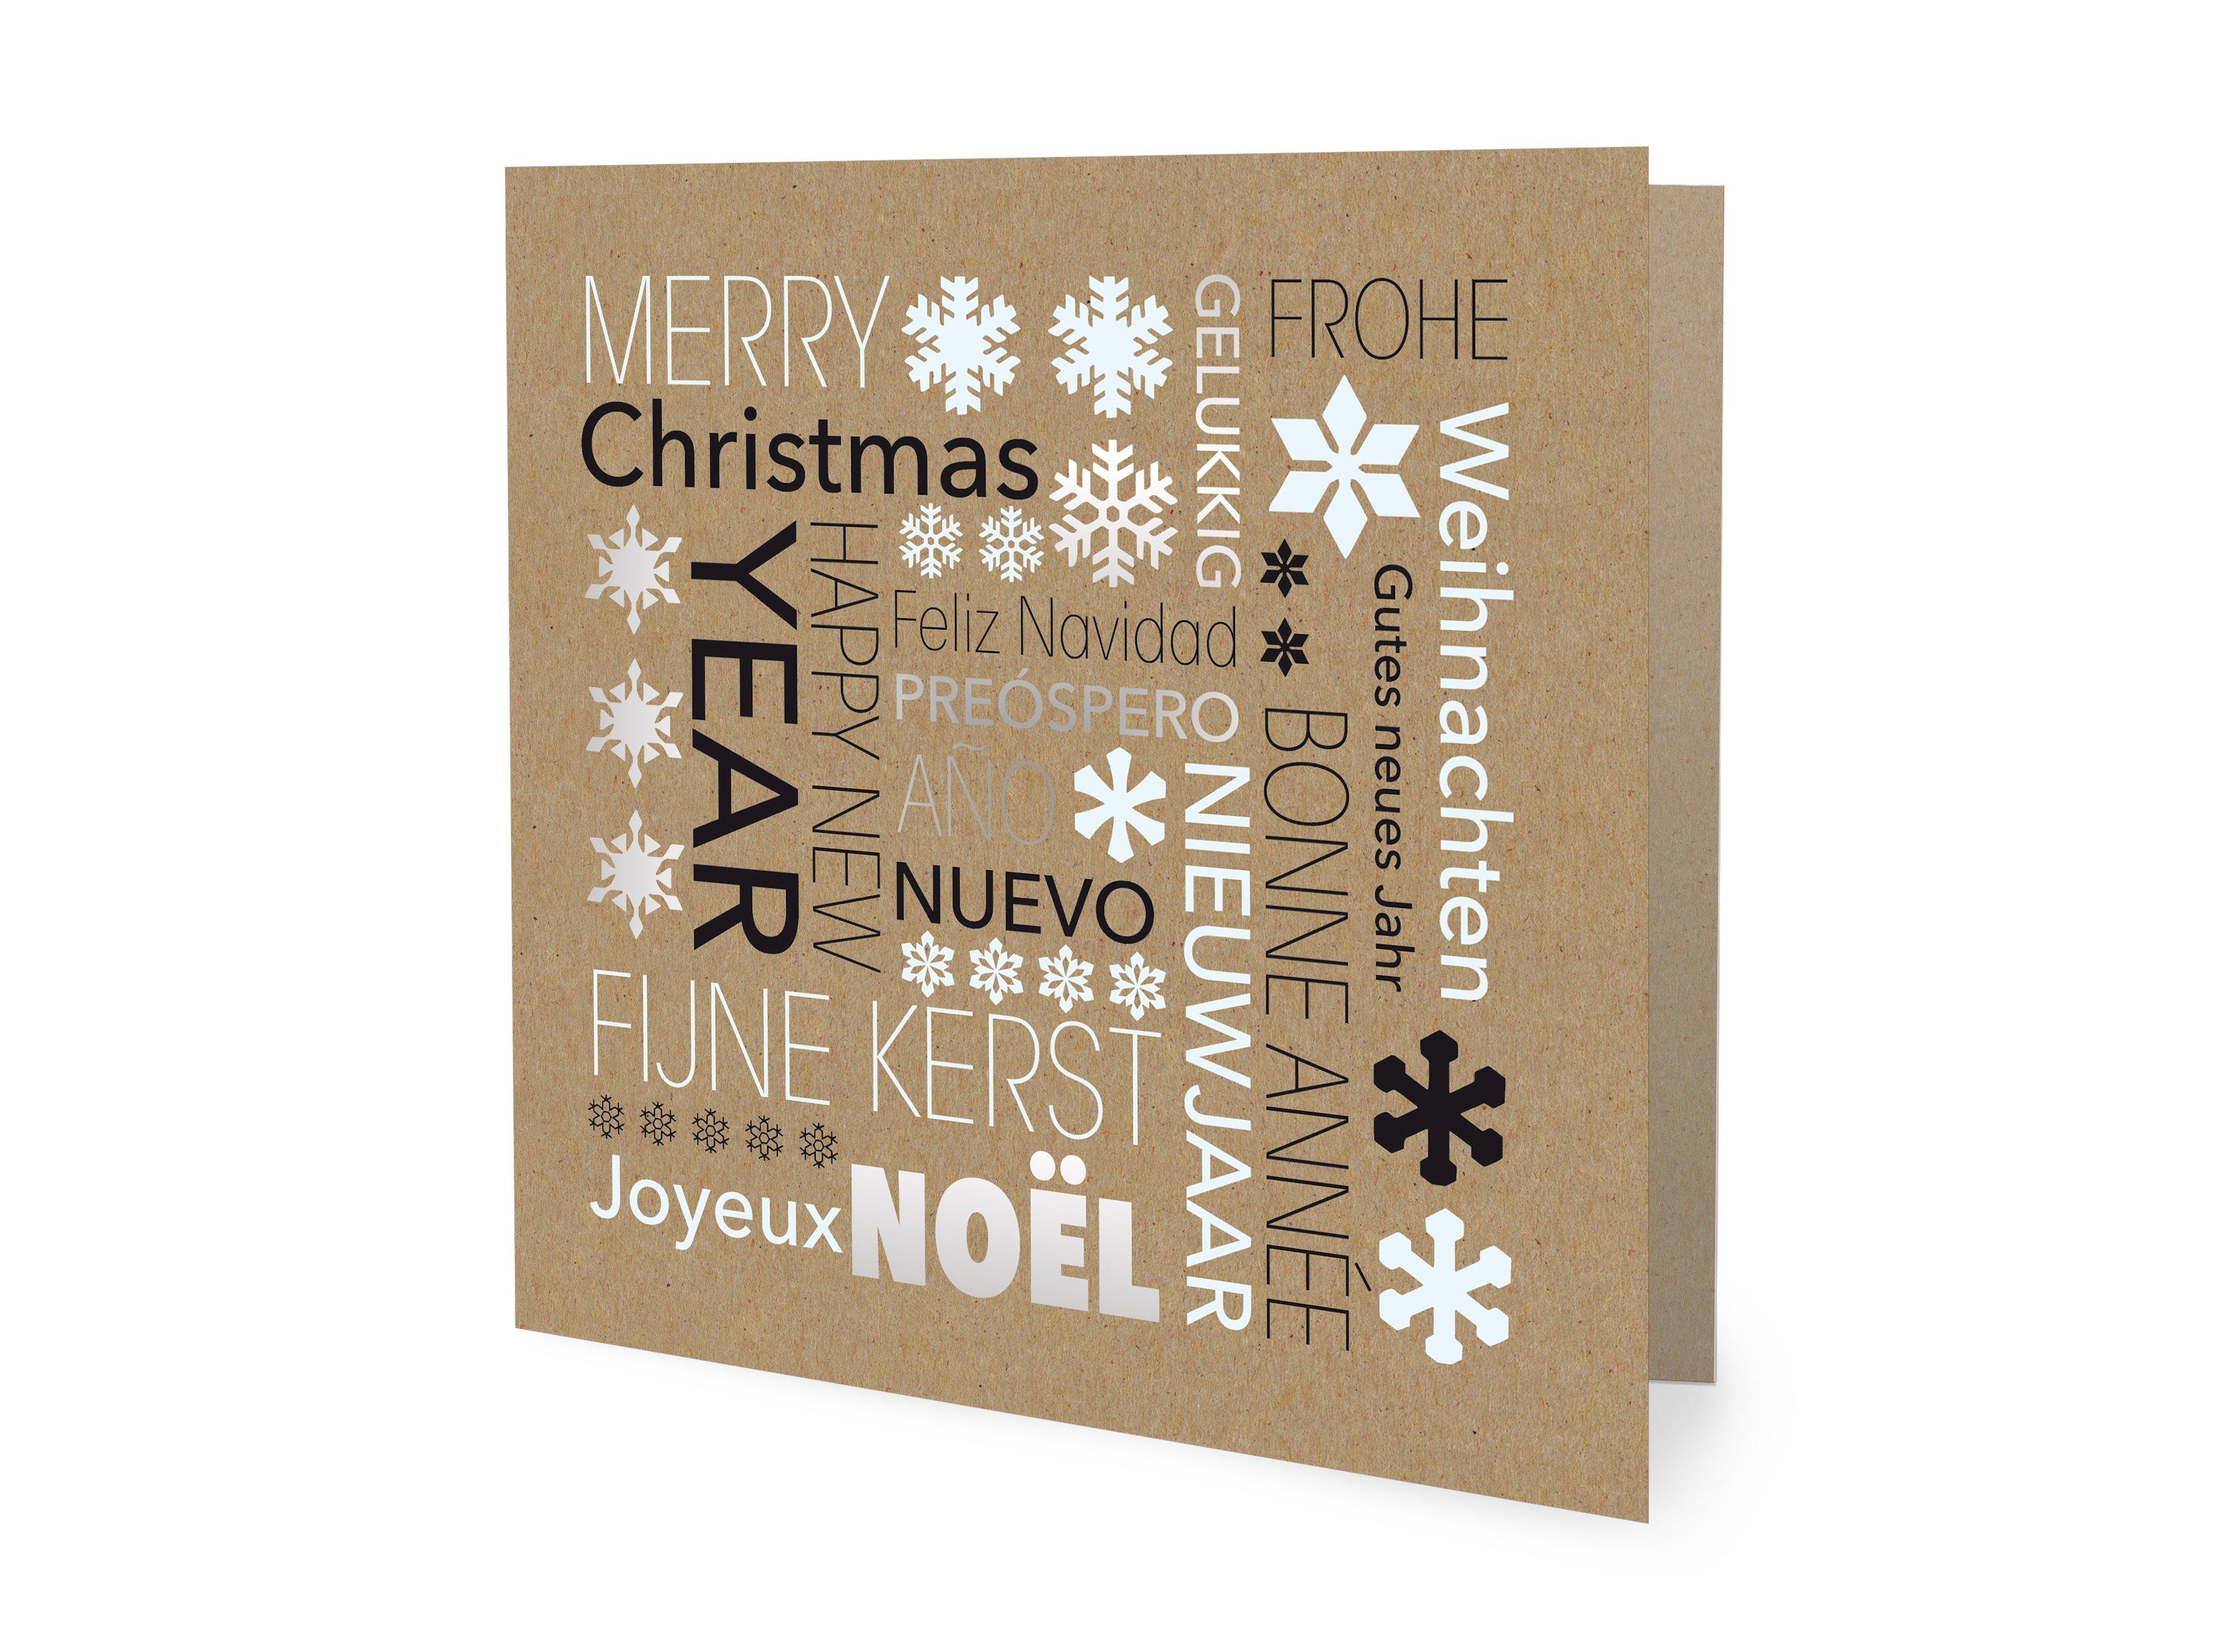 Kerstkaart Tekst Is Verschillende Talen Op Karton